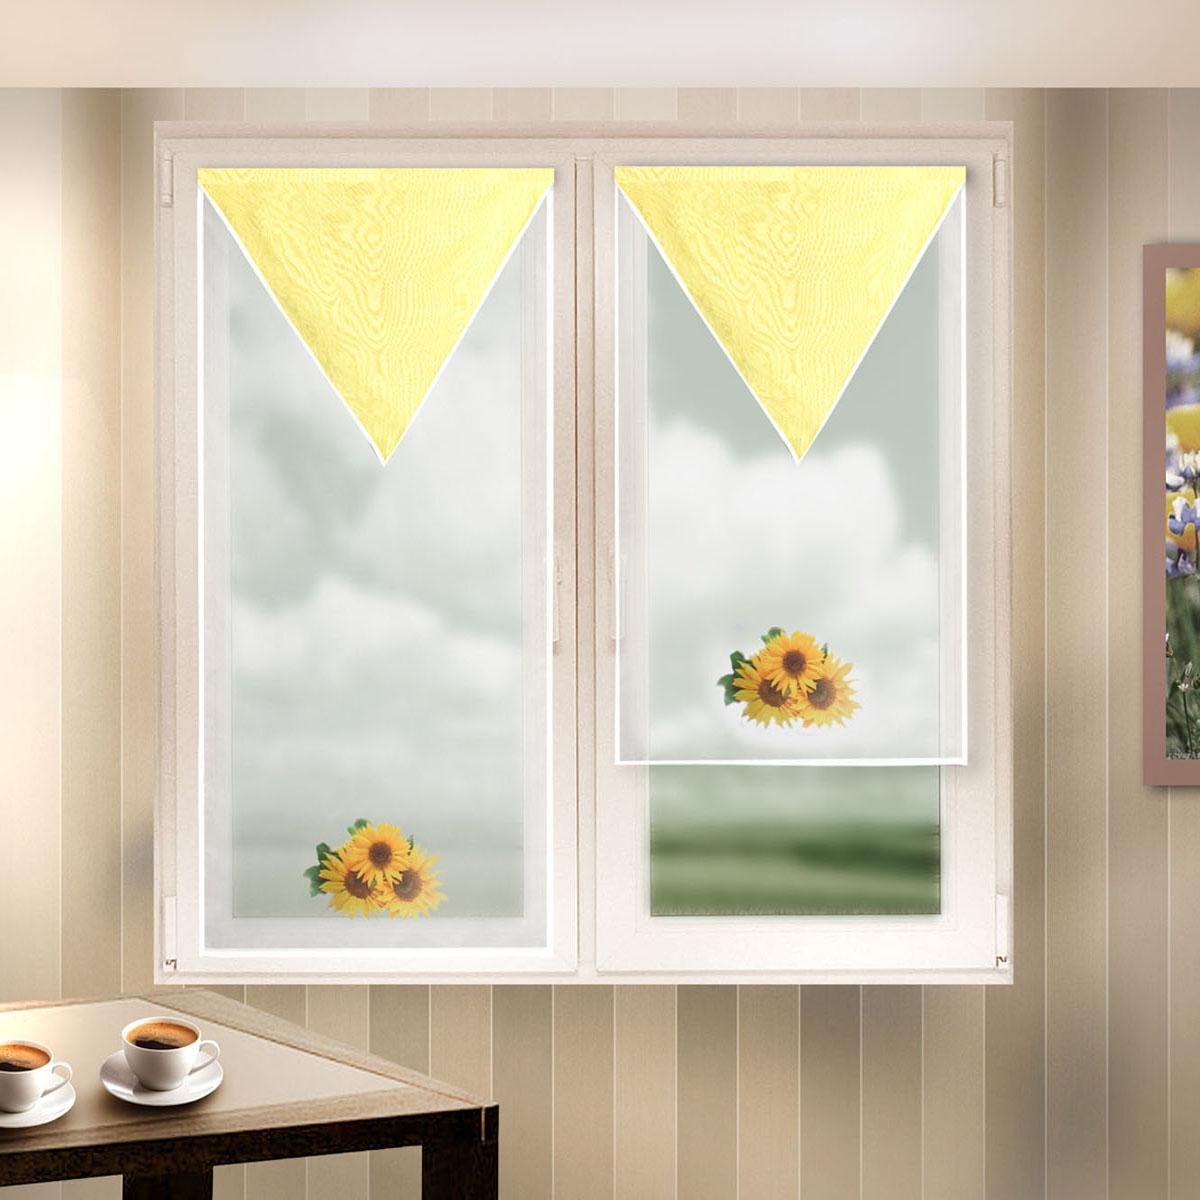 Гардина Zlata Korunka, на липкой ленте, цвет: белый, высота 140 см. 666044666044Гардина на липкой ленте Zlata Korunka, изготовленная из полиэстера, станет великолепным украшением любого окна. Полотно из белой вуали с печатным рисунком привлечет к себе внимание и органично впишется в интерьер комнаты. Крепление на липкой ленте, не требующее сверления стен и карниза. Многоразовое и мгновенное крепление.